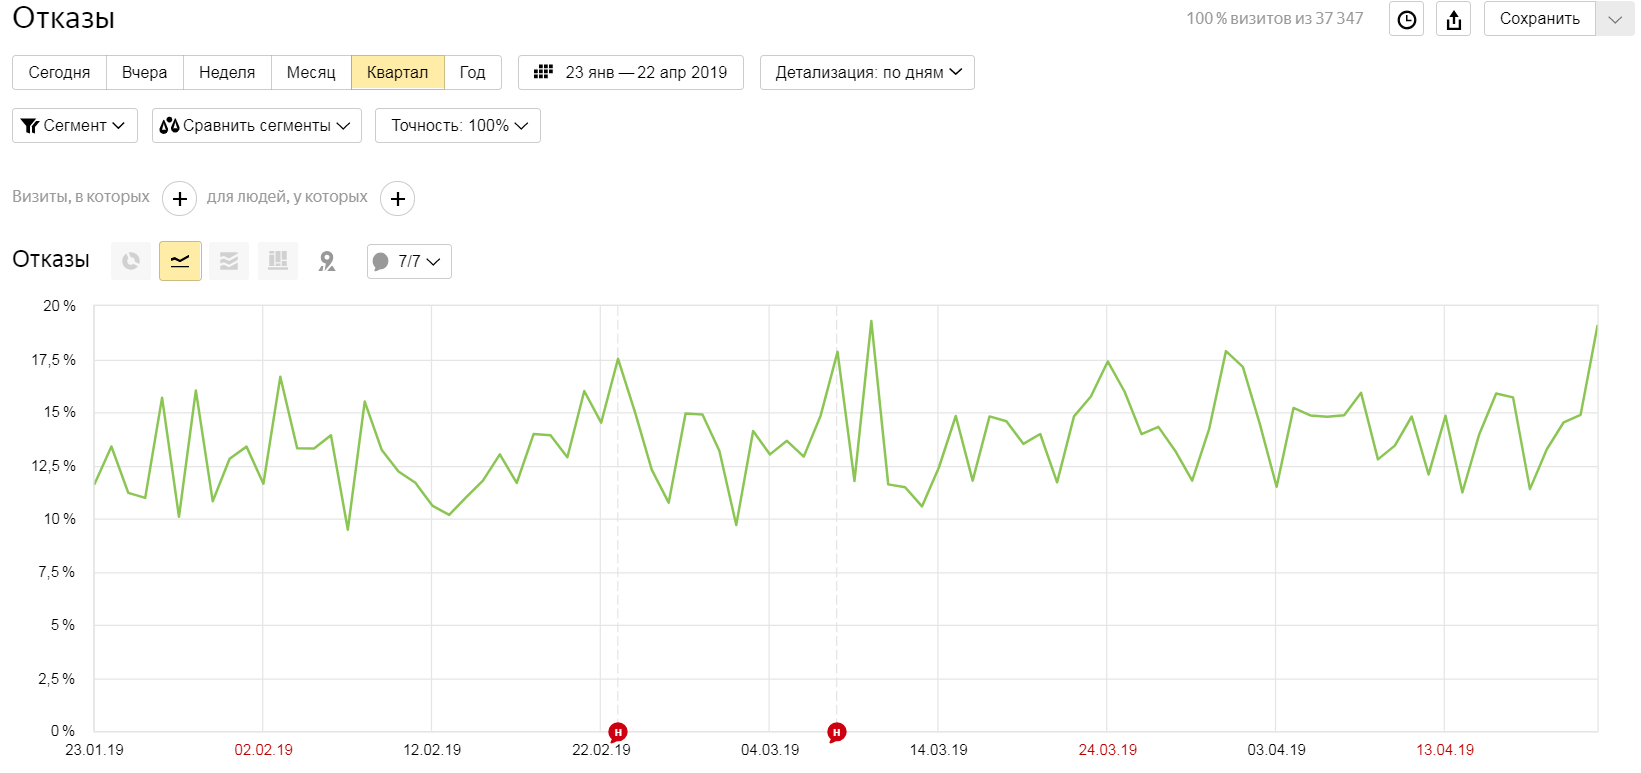 Подробная статистика по отказам в Яндекс.Метрике